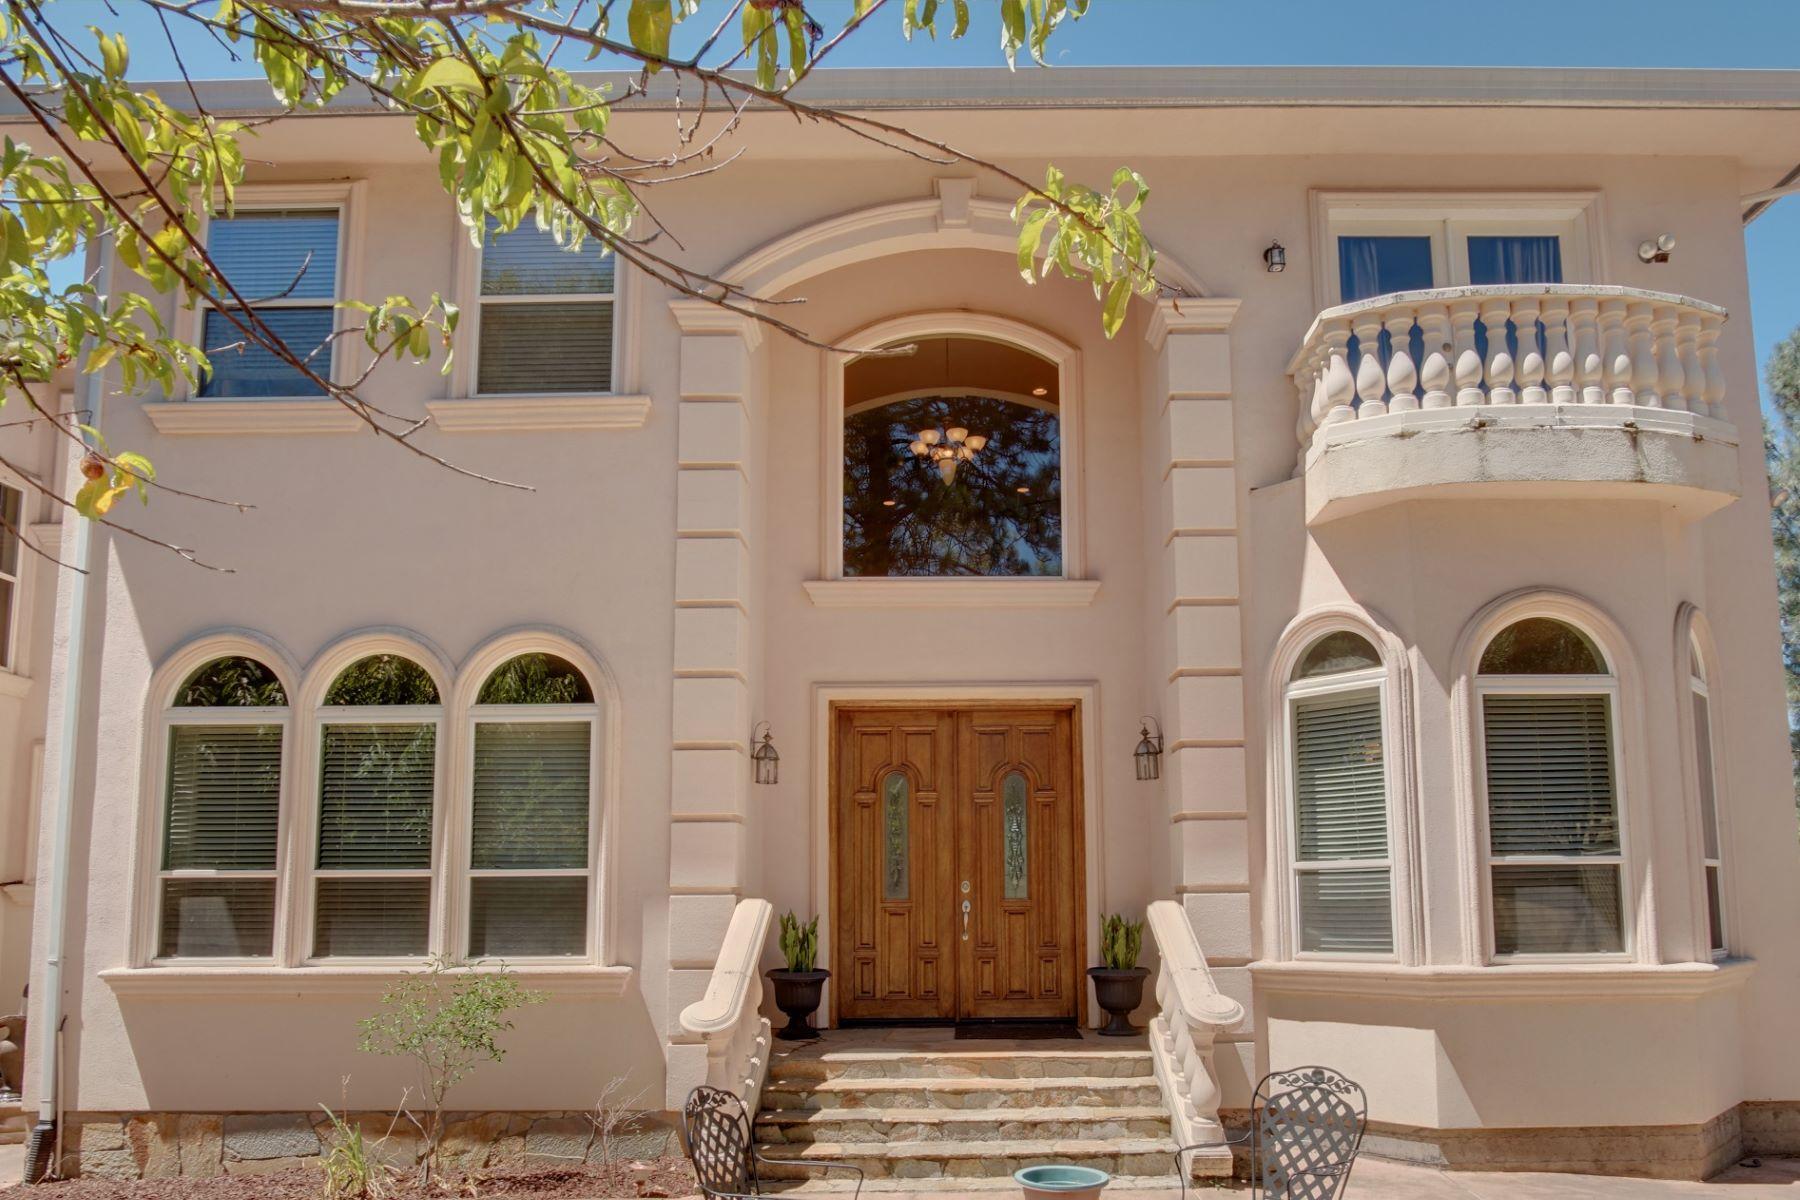 Частный односемейный дом для того Продажа на 7200 Nutmeg Lane, Placerville, CA 95667 Placerville, Калифорния, 95667 Соединенные Штаты